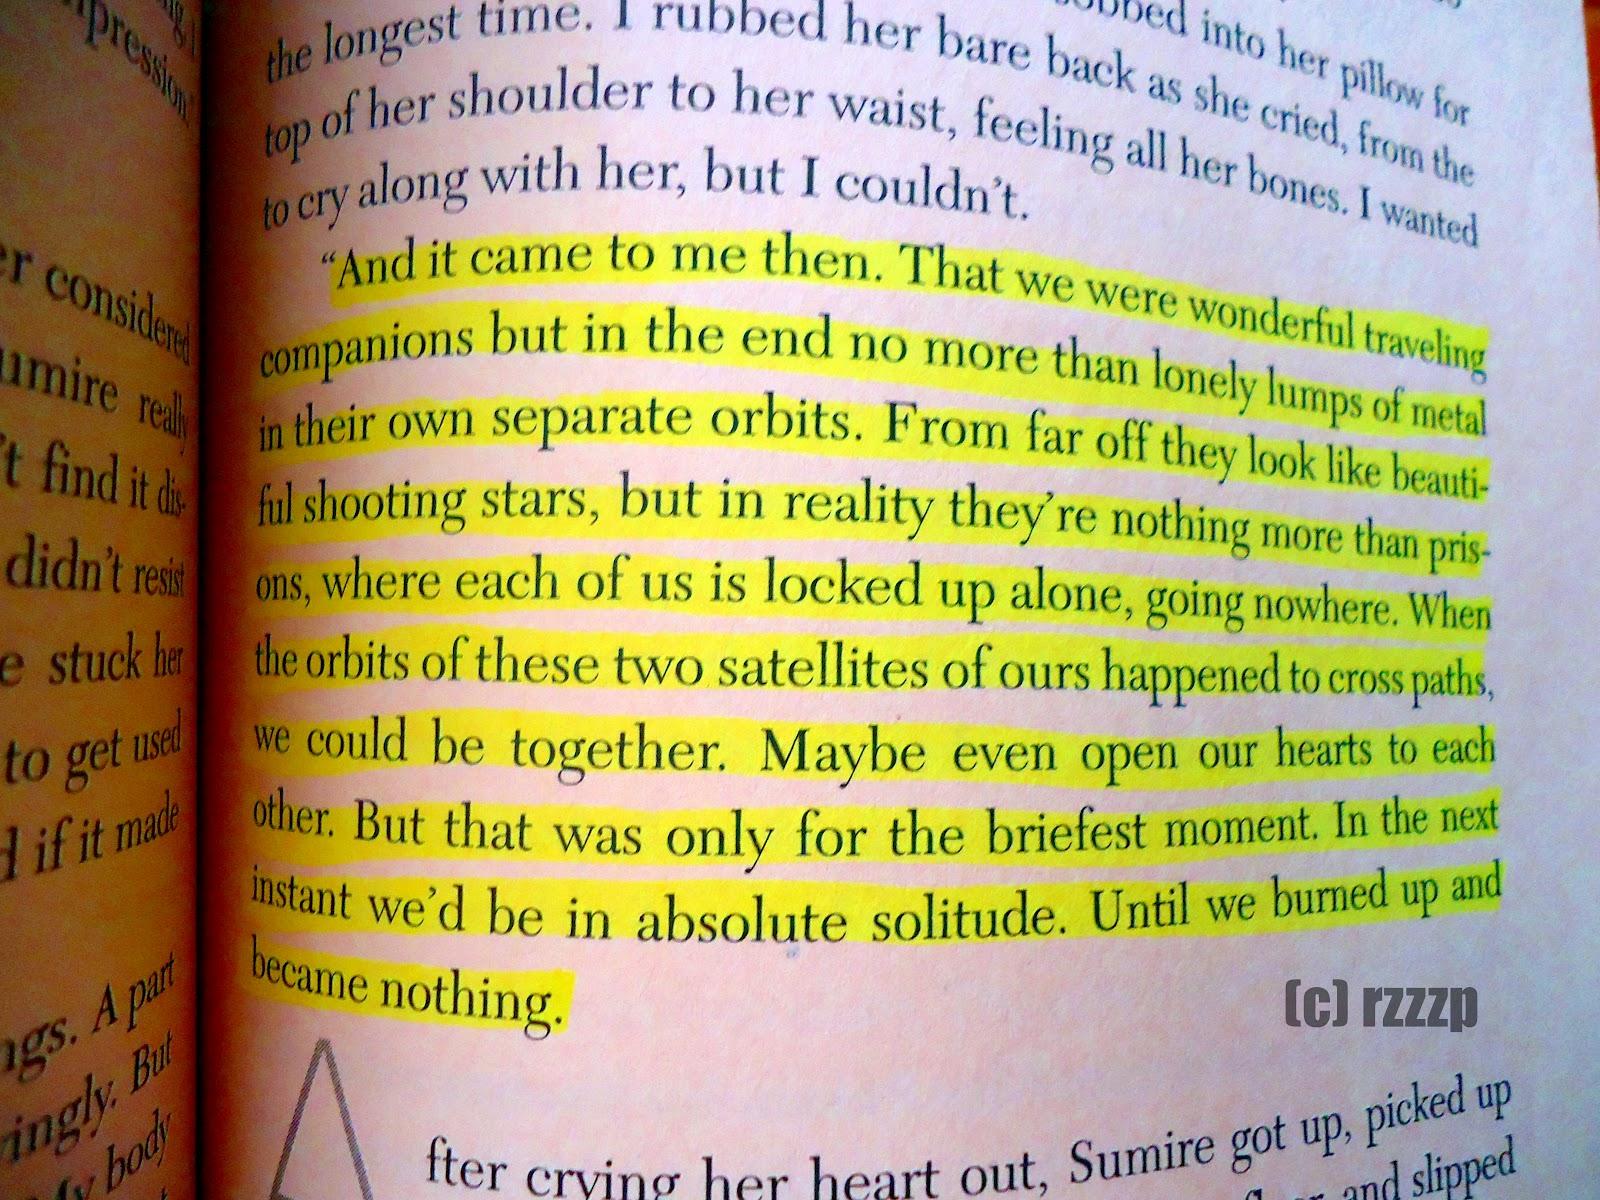 Haruki Murakami's quote #4